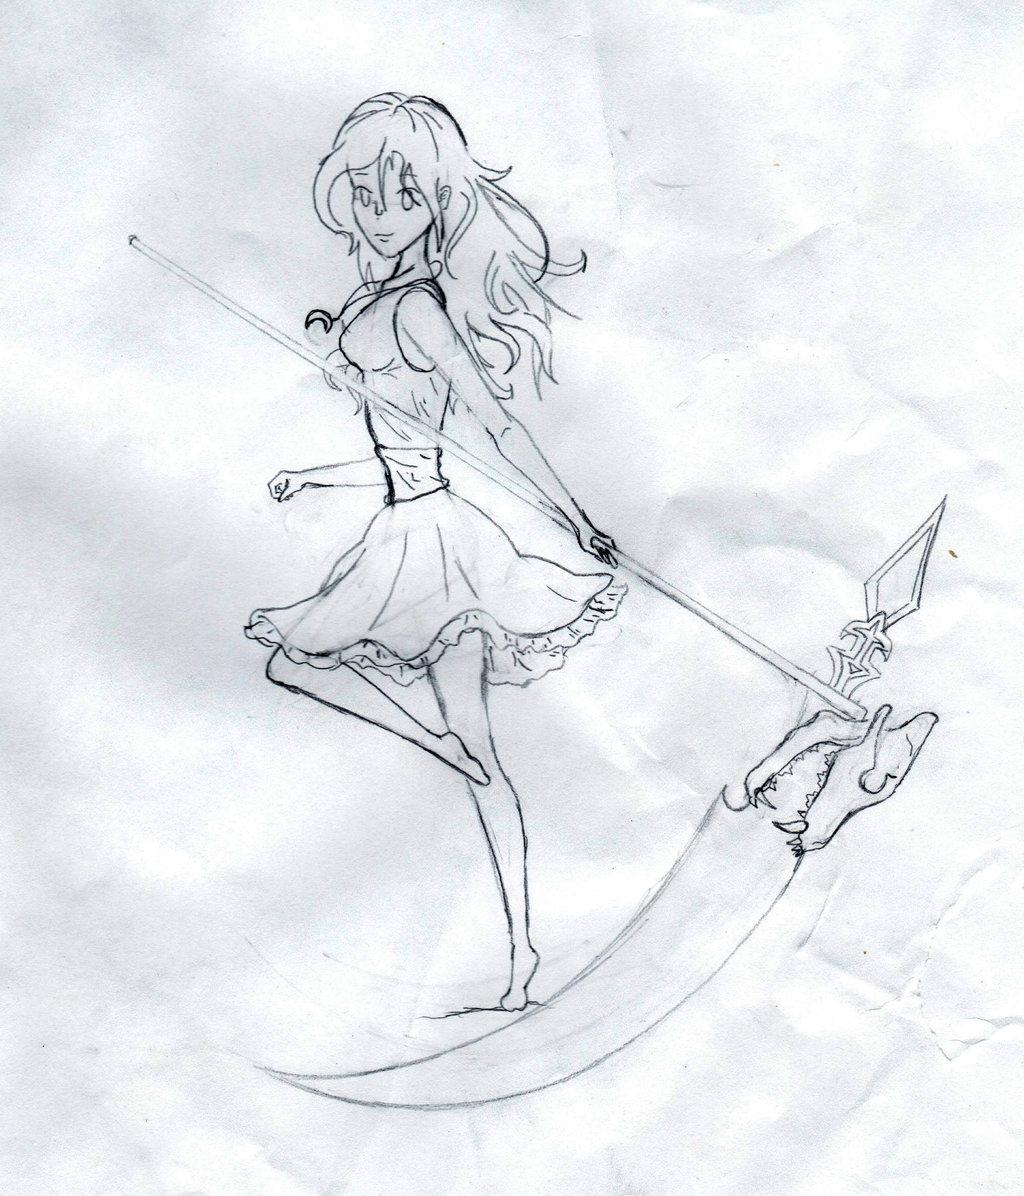 Drawn scythe wolf Girl Girl AnimeDevil99 AnimeDevil99 Wolf